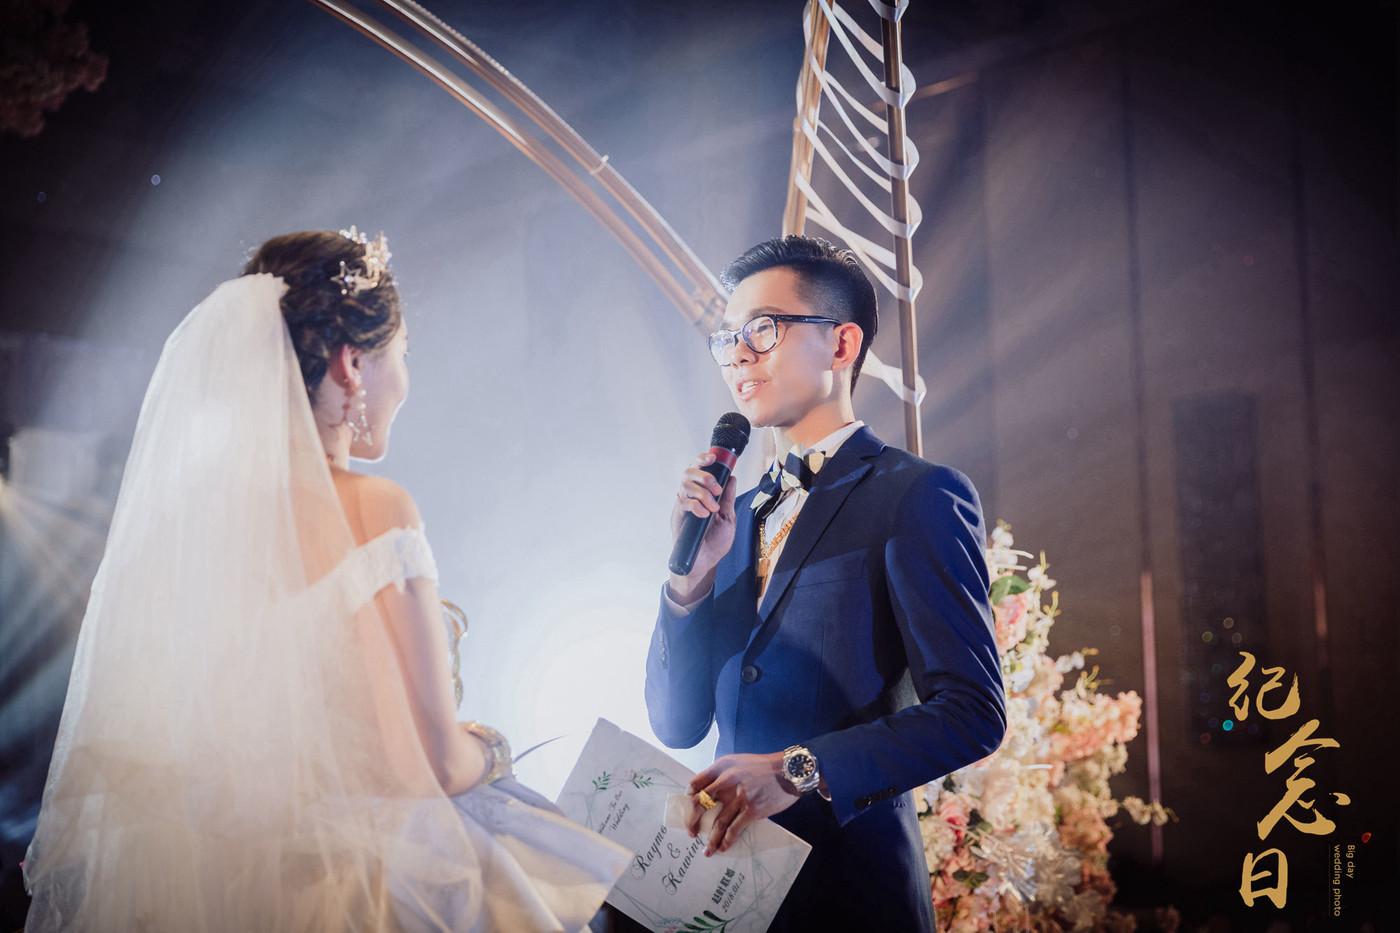 婚礼跟拍 | 梓泳&嘉泳47